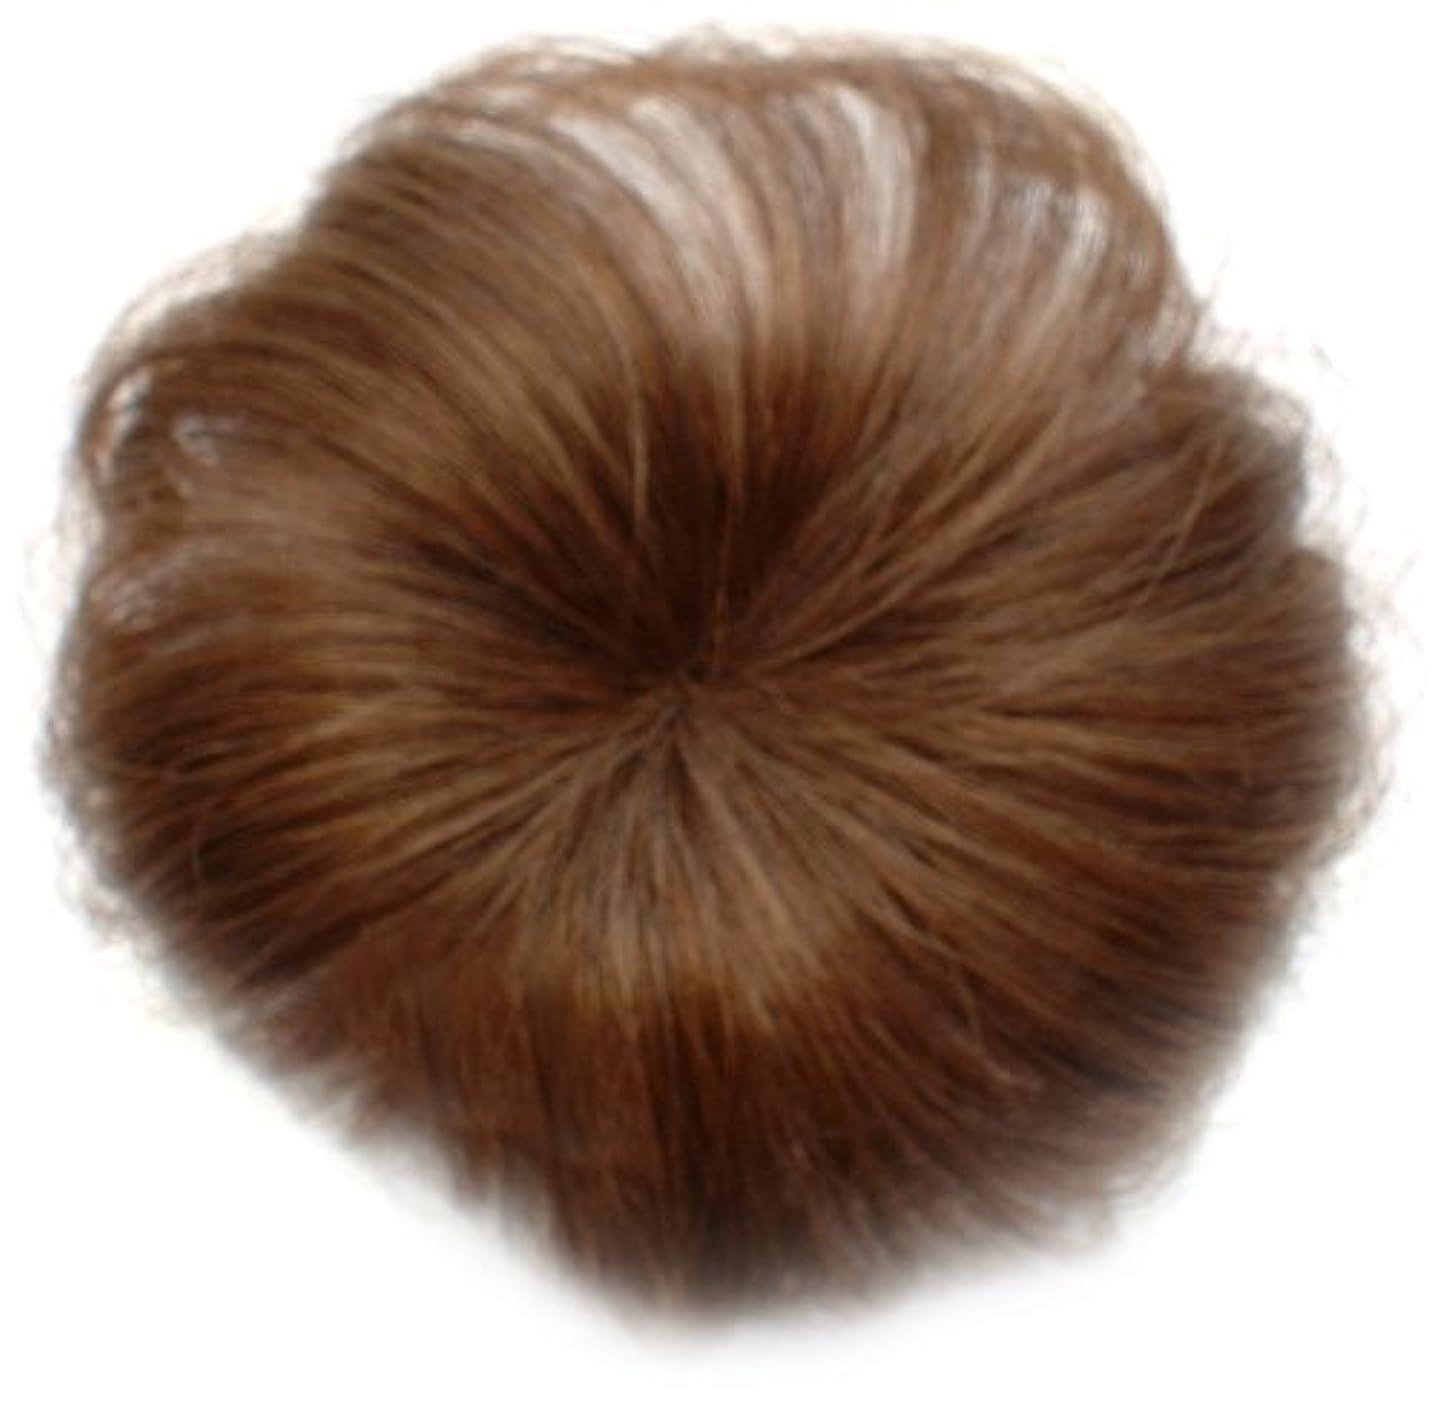 不良品奇跡的な黒くするPOINT HAIR ポイントヘア L ライトブラウン №6